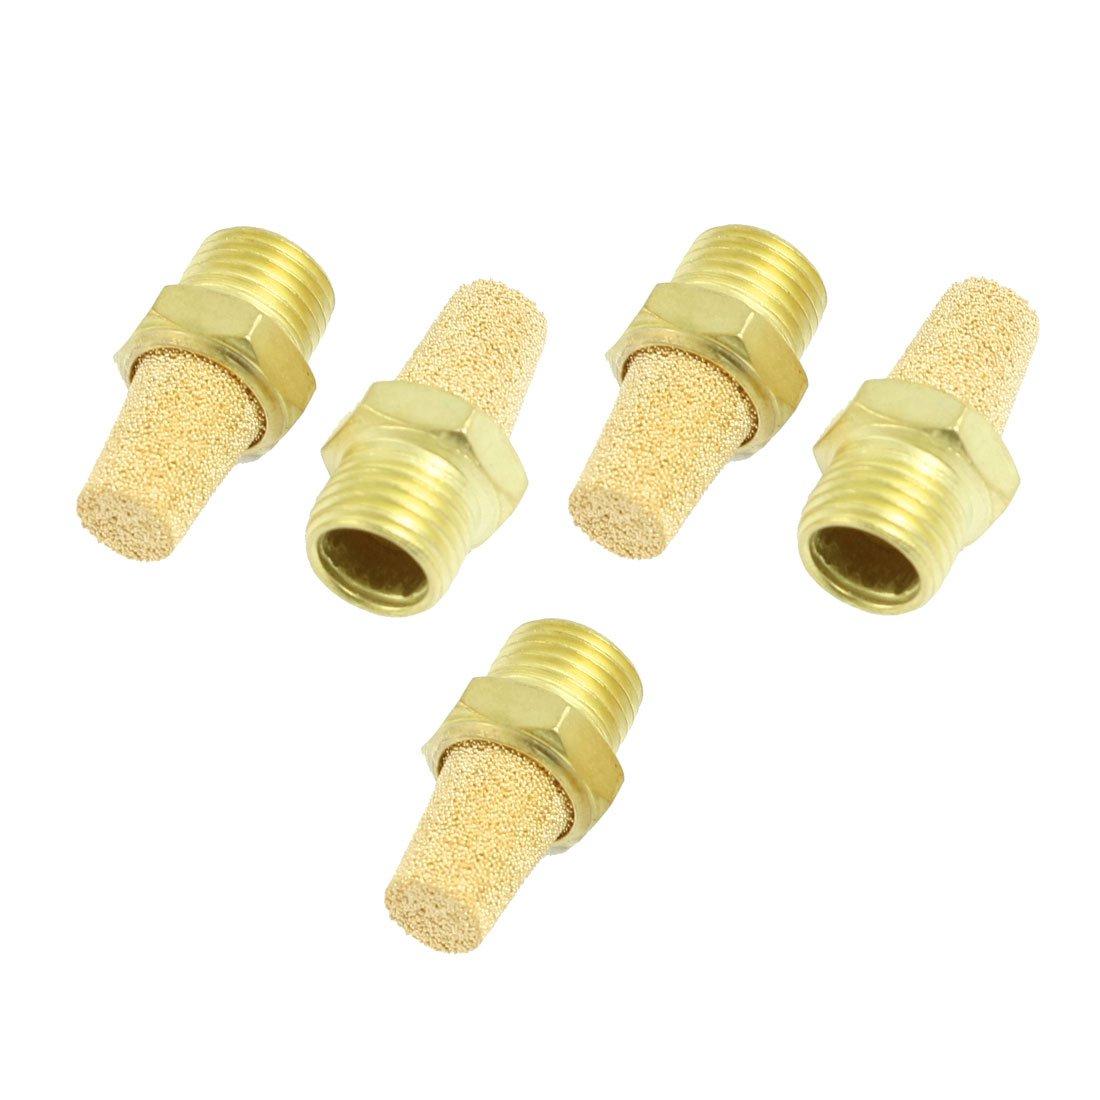 uxcell Brass Exhaust Muffler M5 Male Thread 5//16 Hex Sintered Air Pneumatic Bronze Muffler with Brass Body Protruding 10pcs